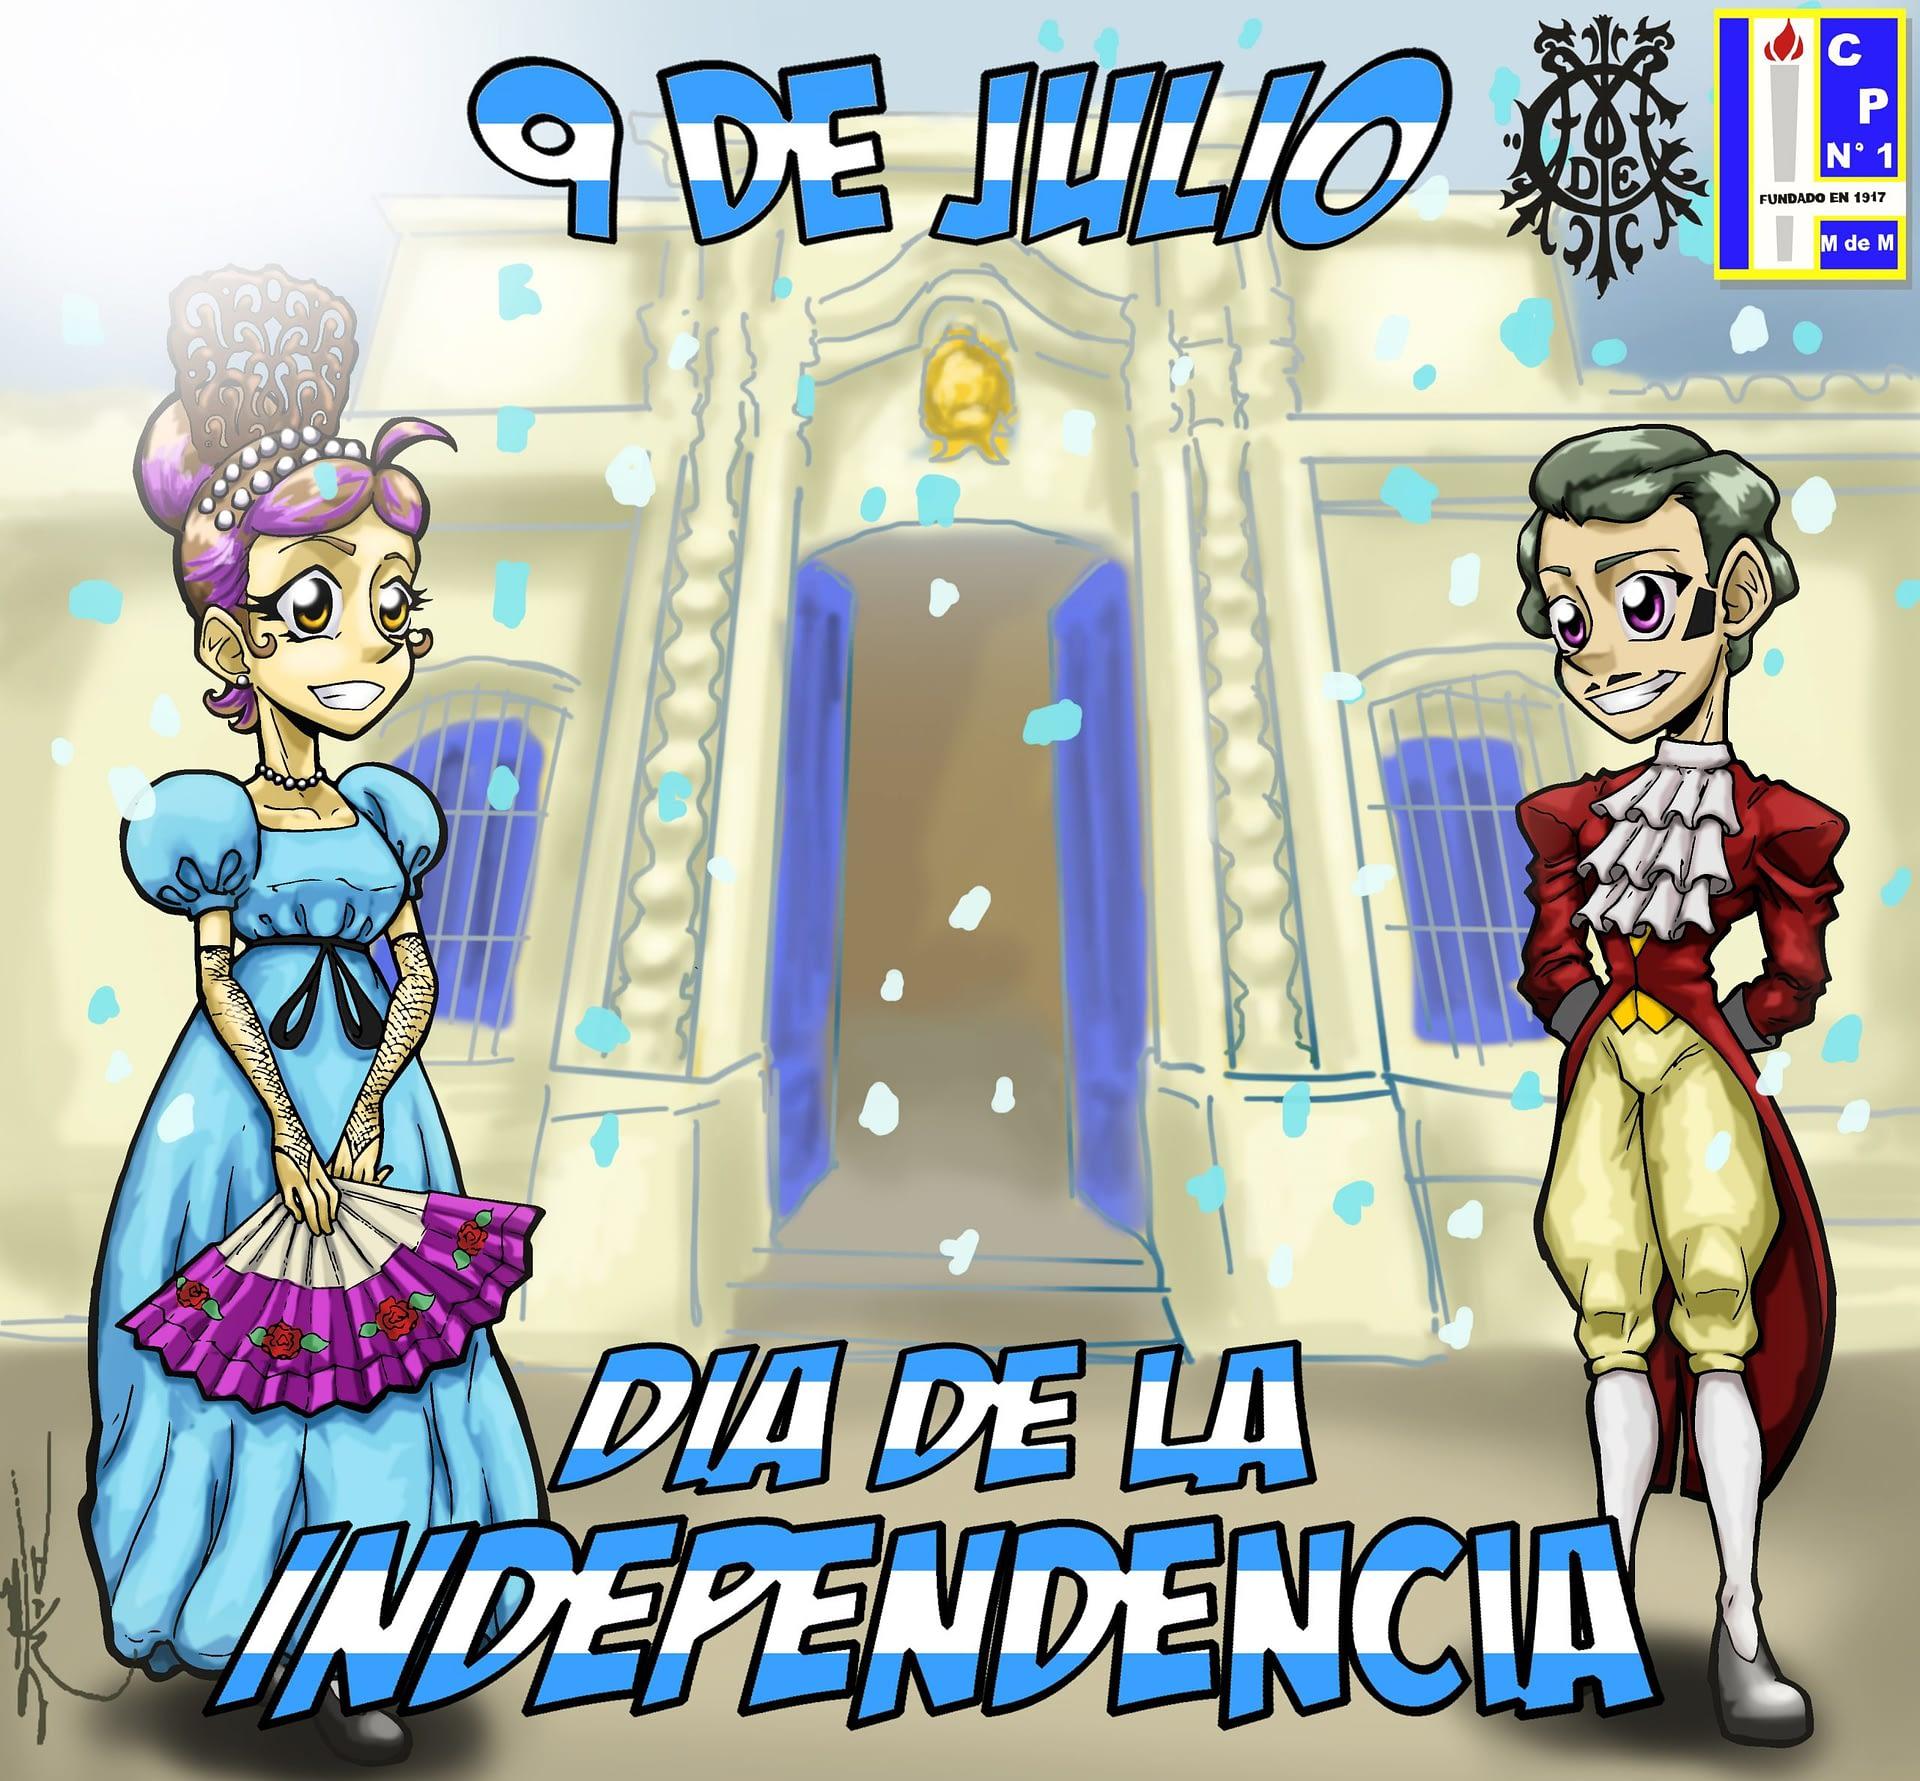 MyN Independencia 9 de Julio (Alta Resolución)